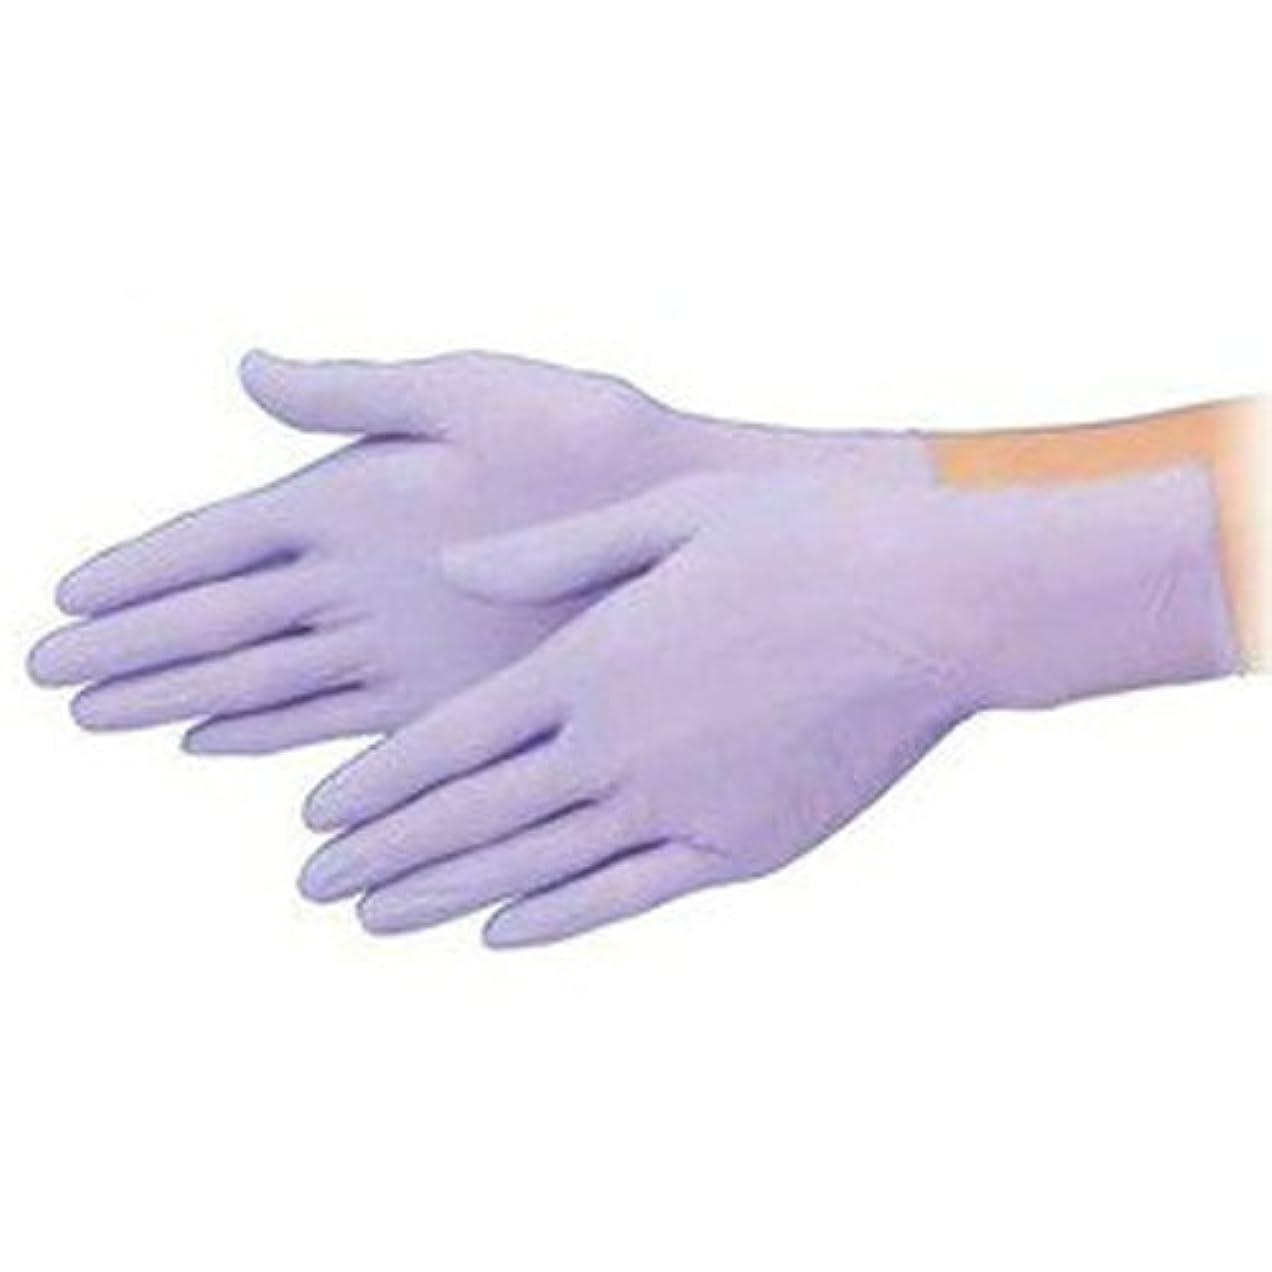 ベリー心理的合図使い捨て 手袋 エブノ 522 スタンダードニトリルライト パープル Sサイズ パウダーフリー 2ケース(100枚×60箱)